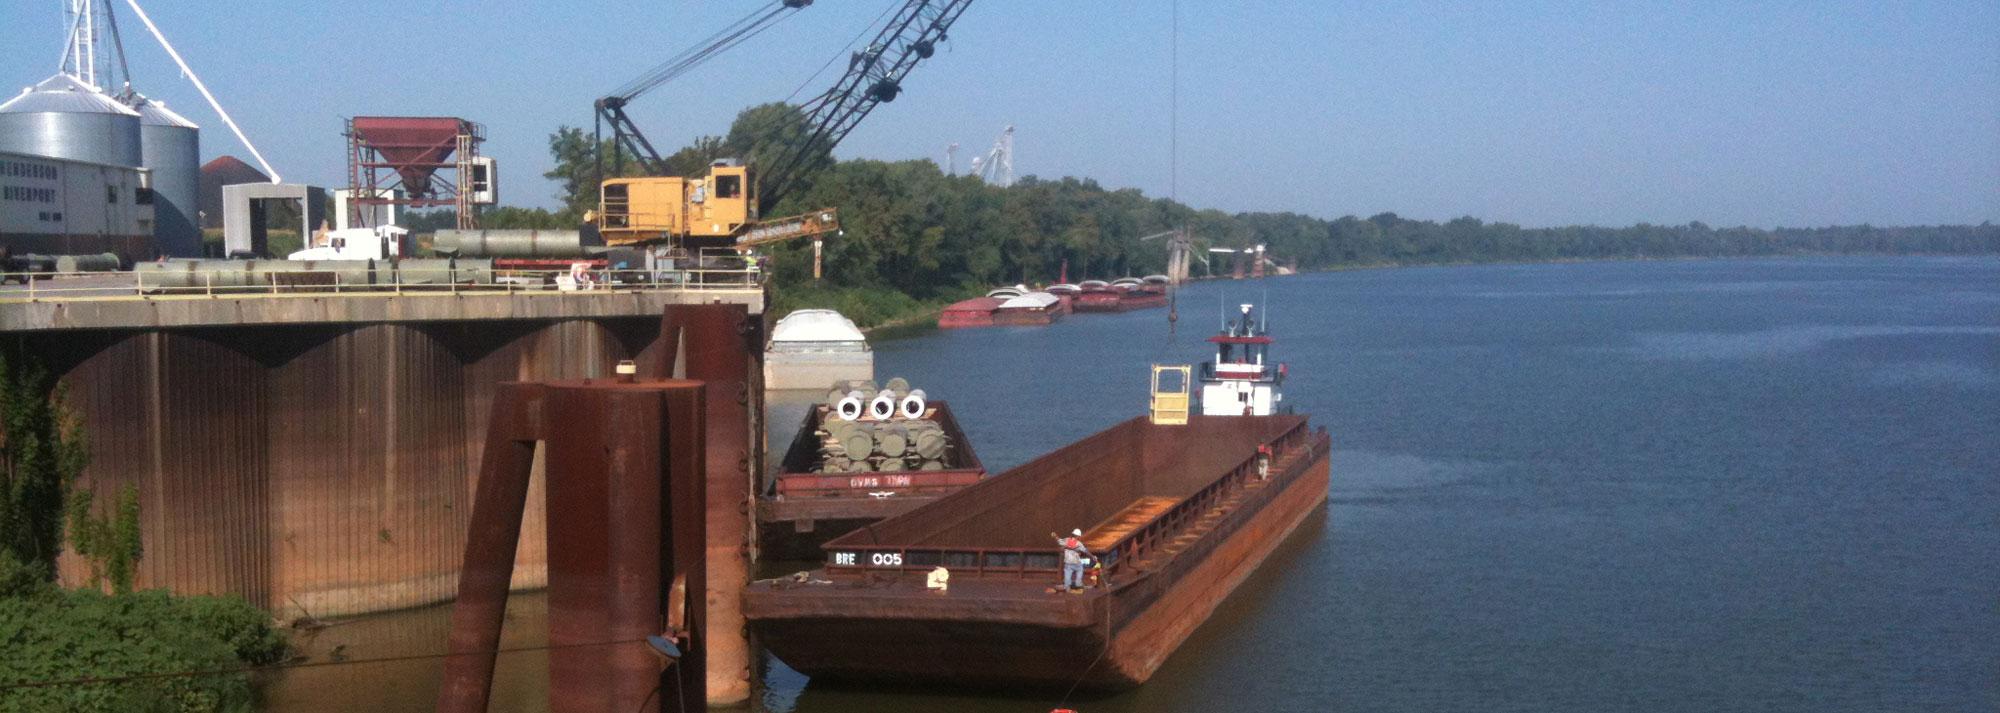 Barge-slide